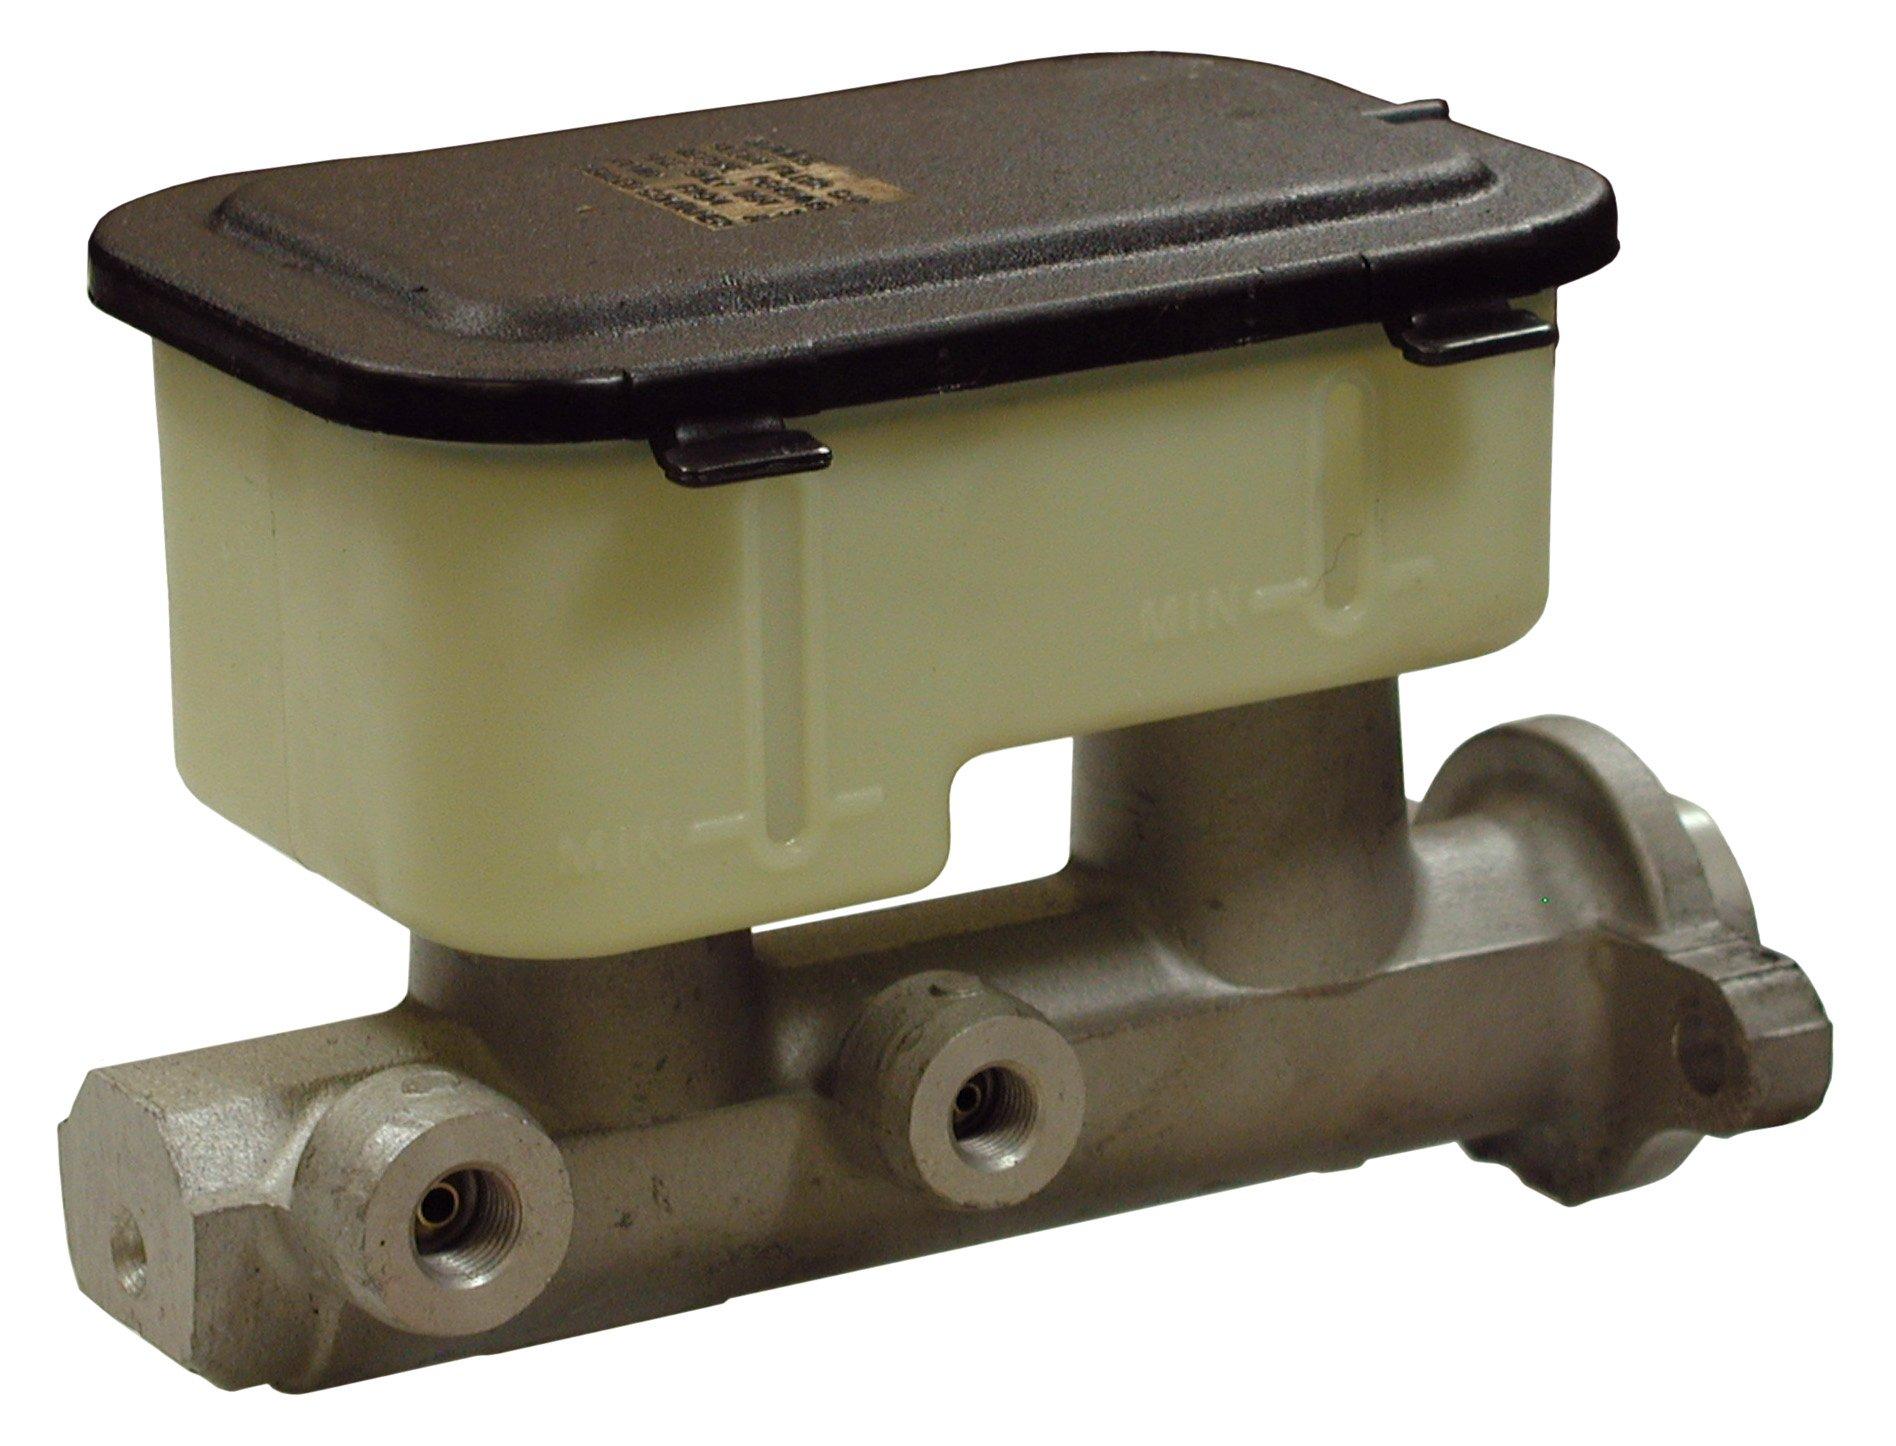 Gmc T7500 Parts2007 2009 Topkick Chevy Kodiak T6500 T8500 Wiring Diagram 1997 Savana 2500 Brake Master Cylinder Autopartskart Com